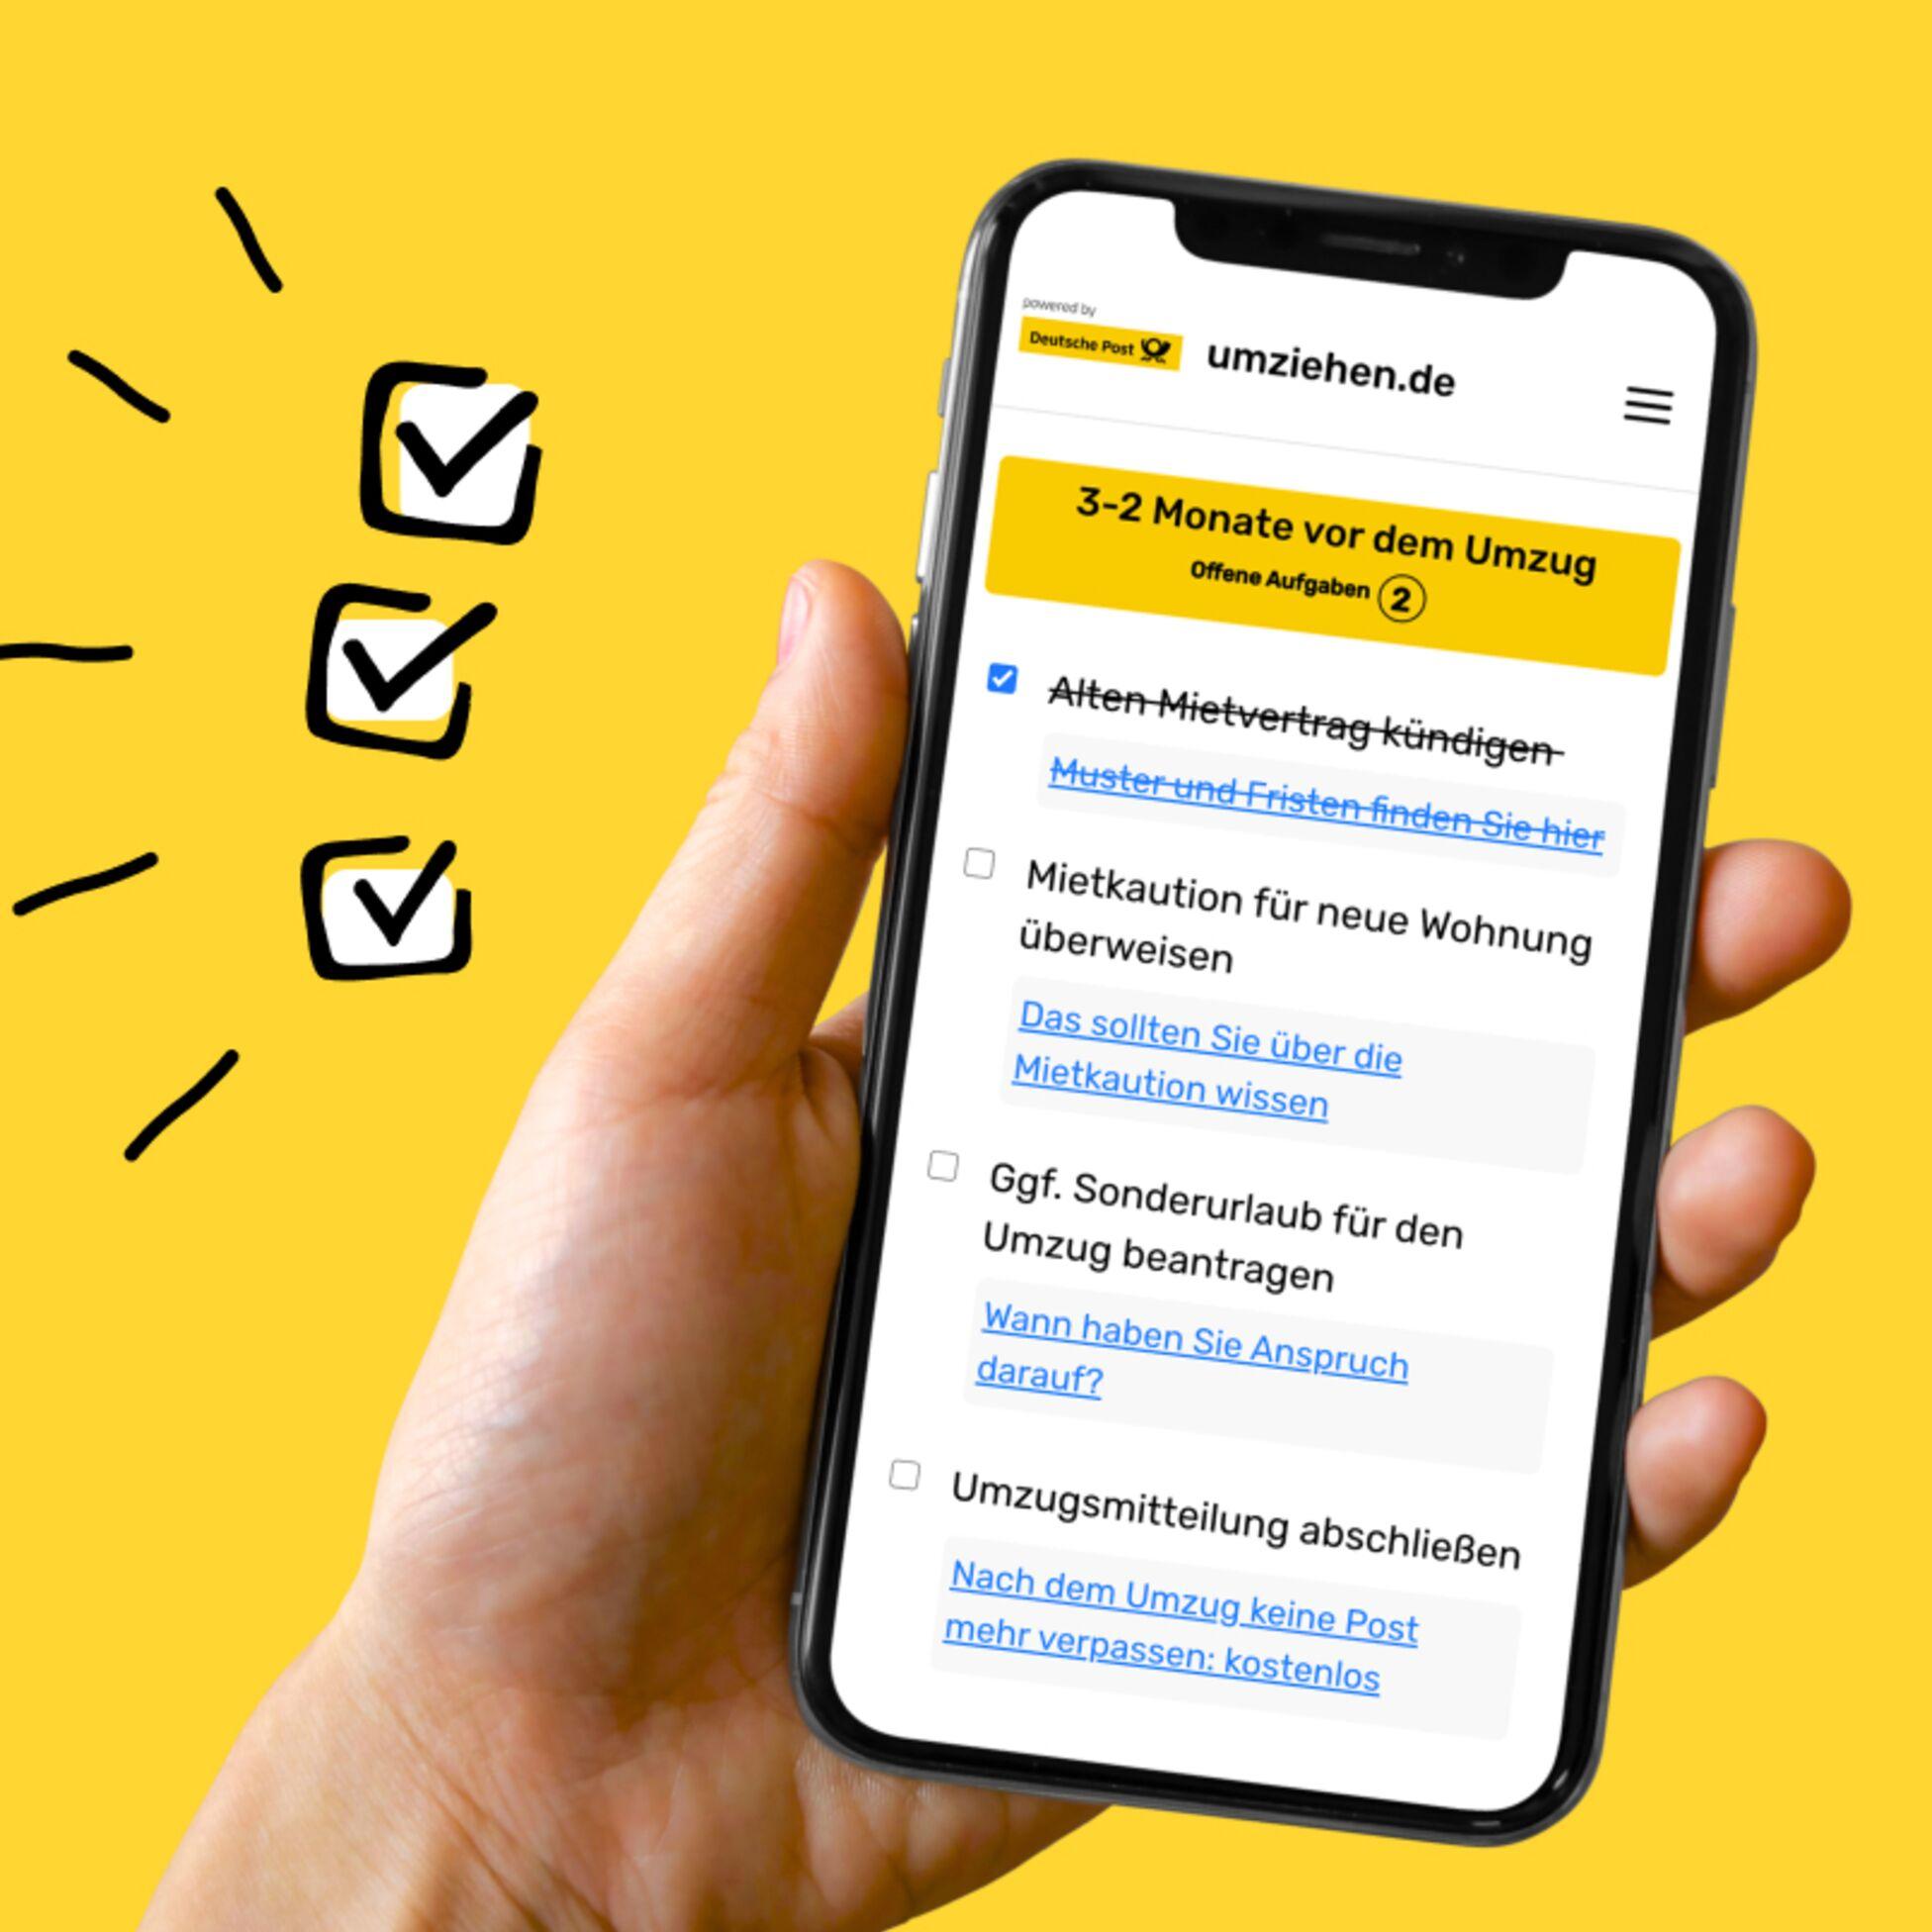 Smarte Umzugshelfer: Ihre kostenlosen Umzugs-Checklisten